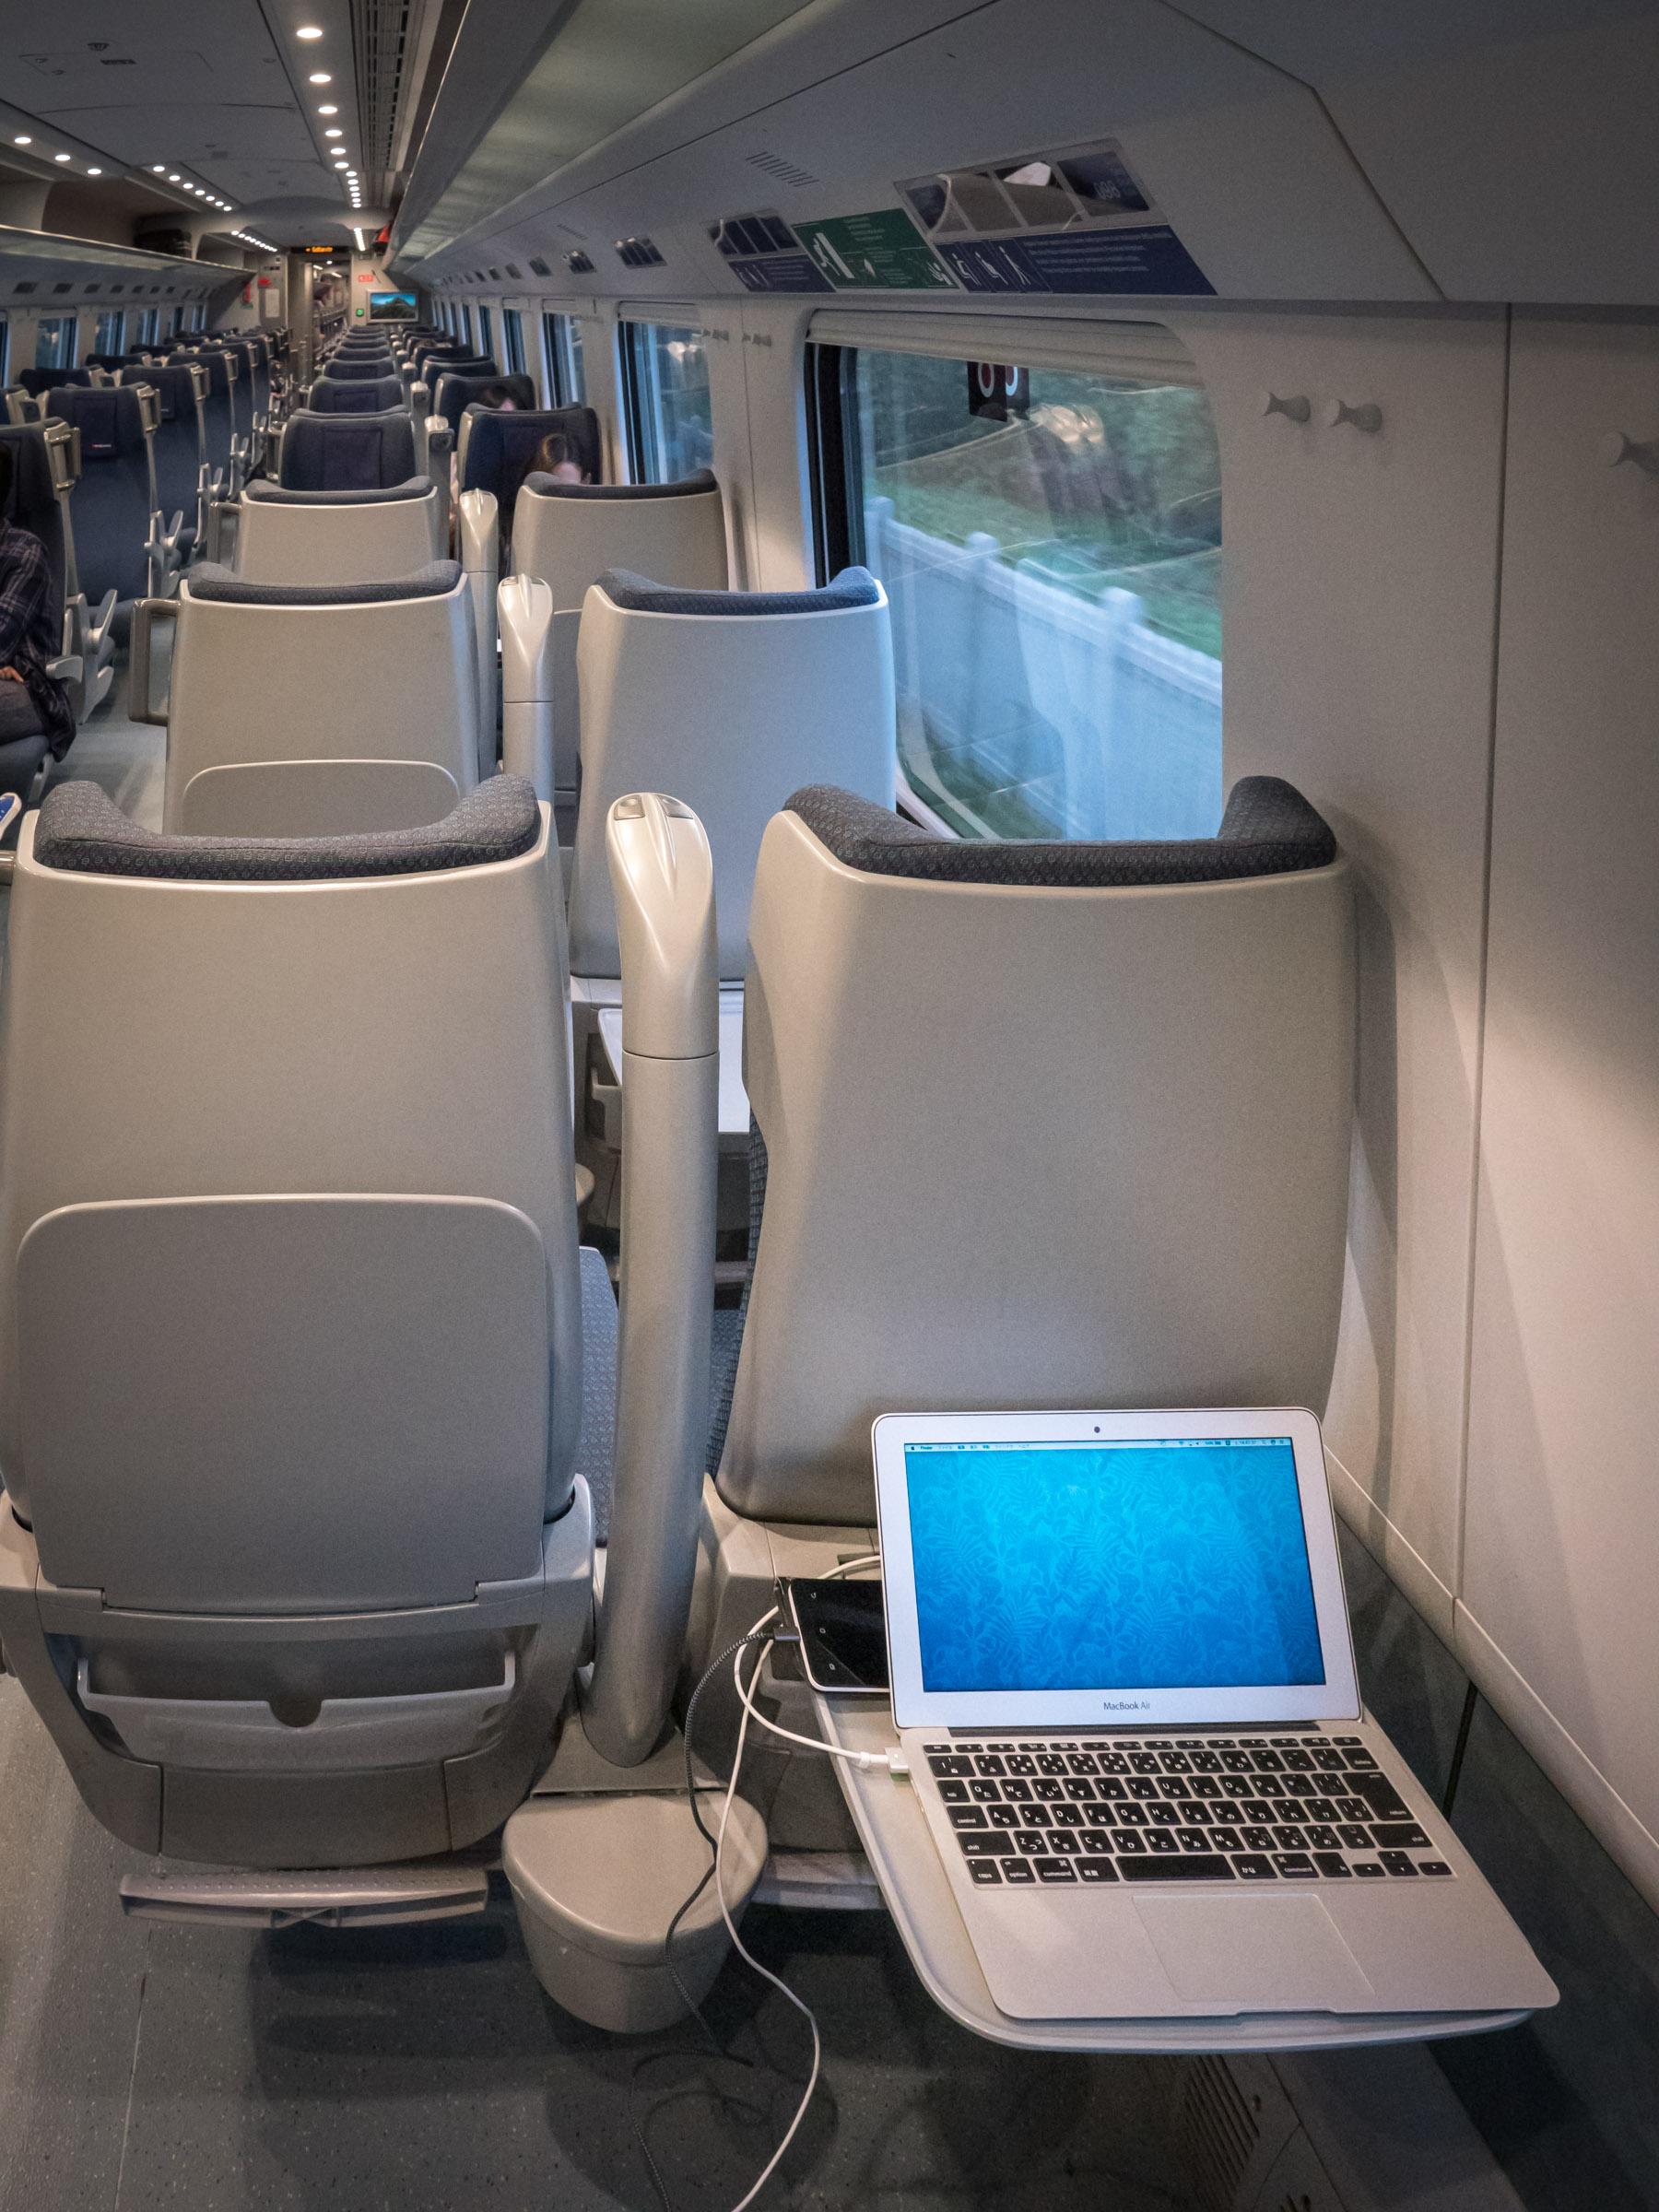 電源完備noユーロシティの座席 電源完備 DMC-GX8 + LEICA DG 12-60mm